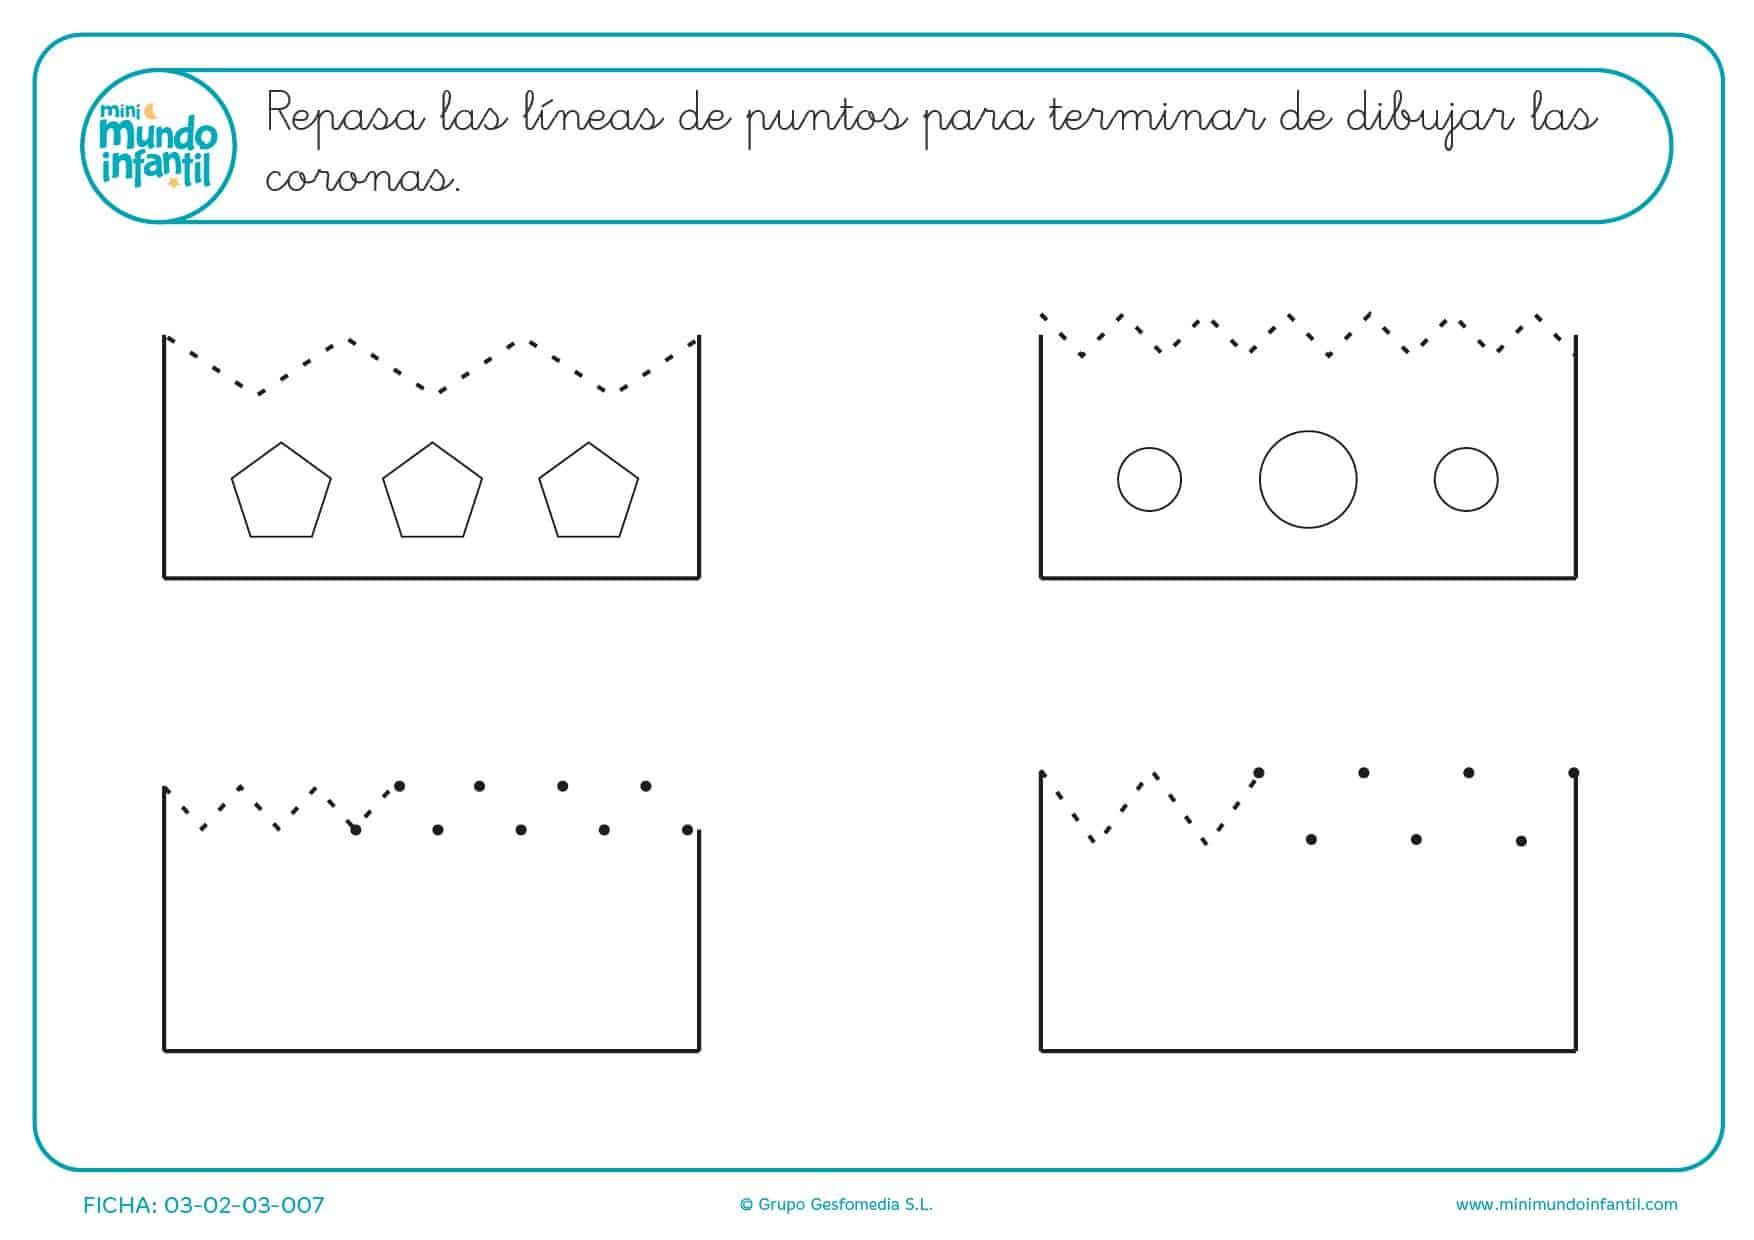 Trazar las líneas de puntos para terminar de dibujar las coronas